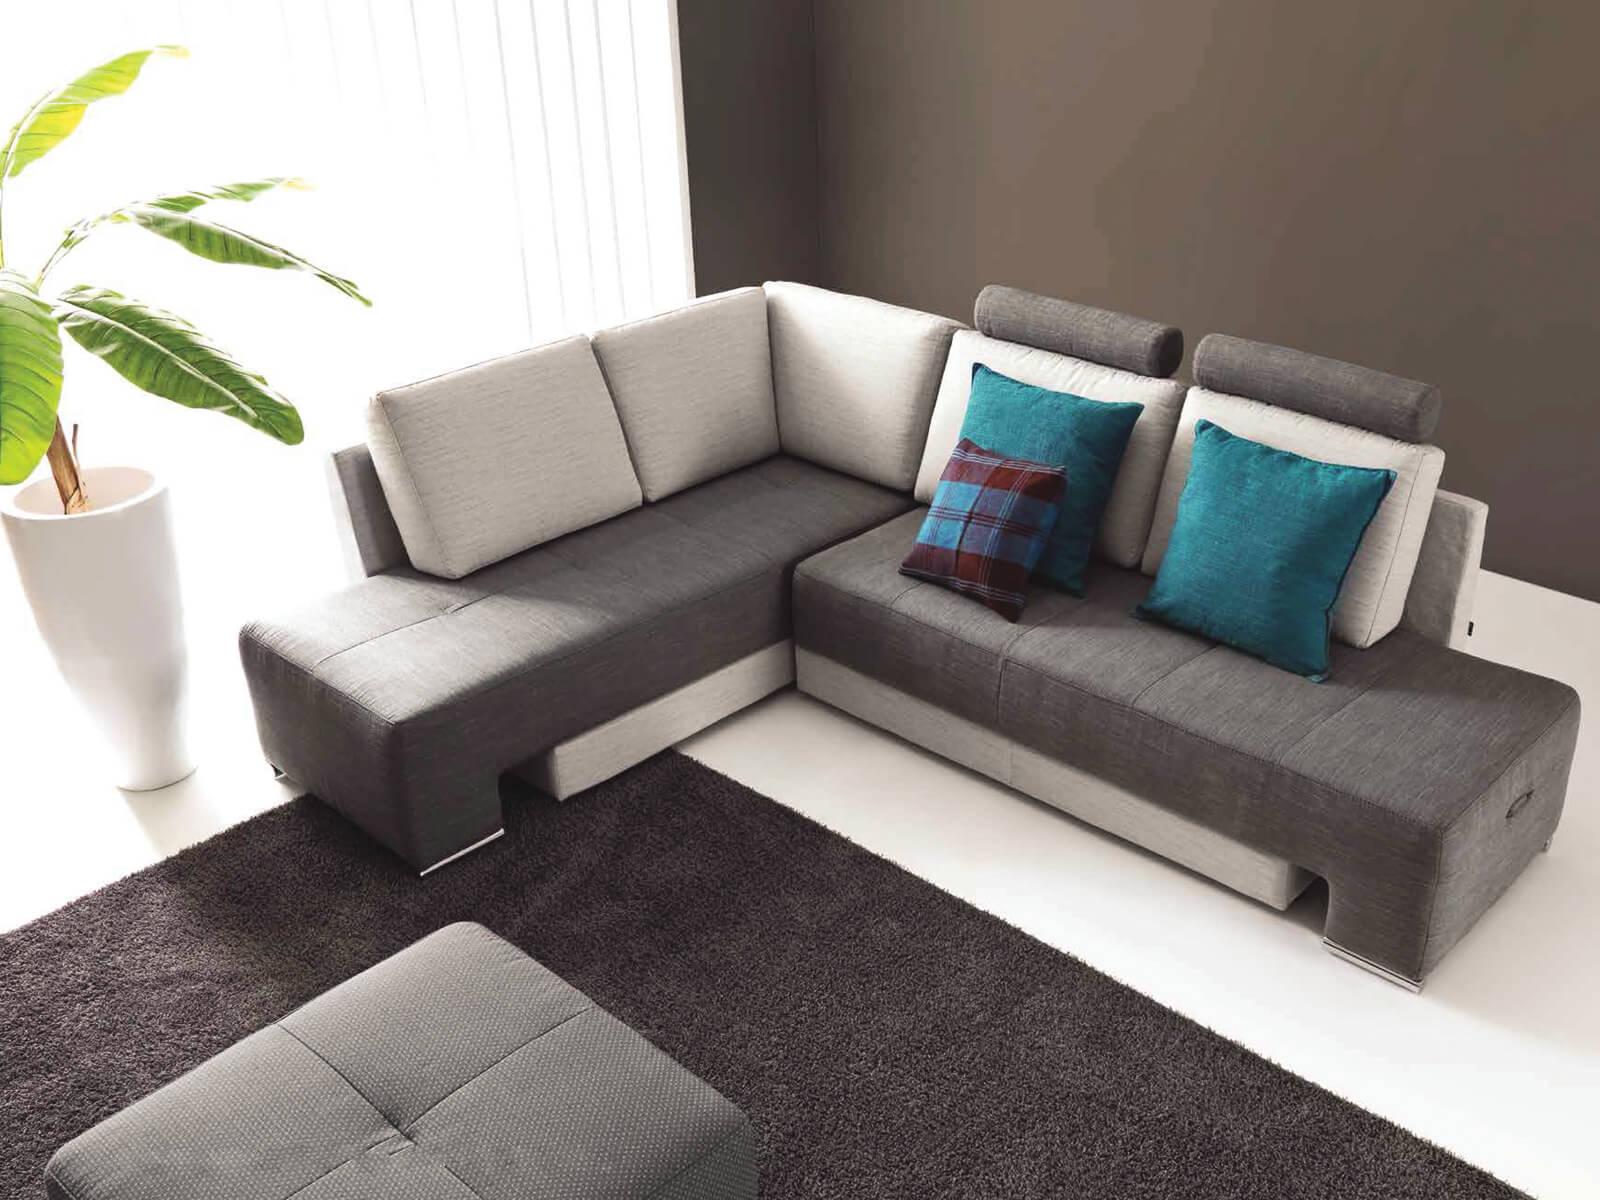 idivani-genova-divani-divani-letto-aerre-20